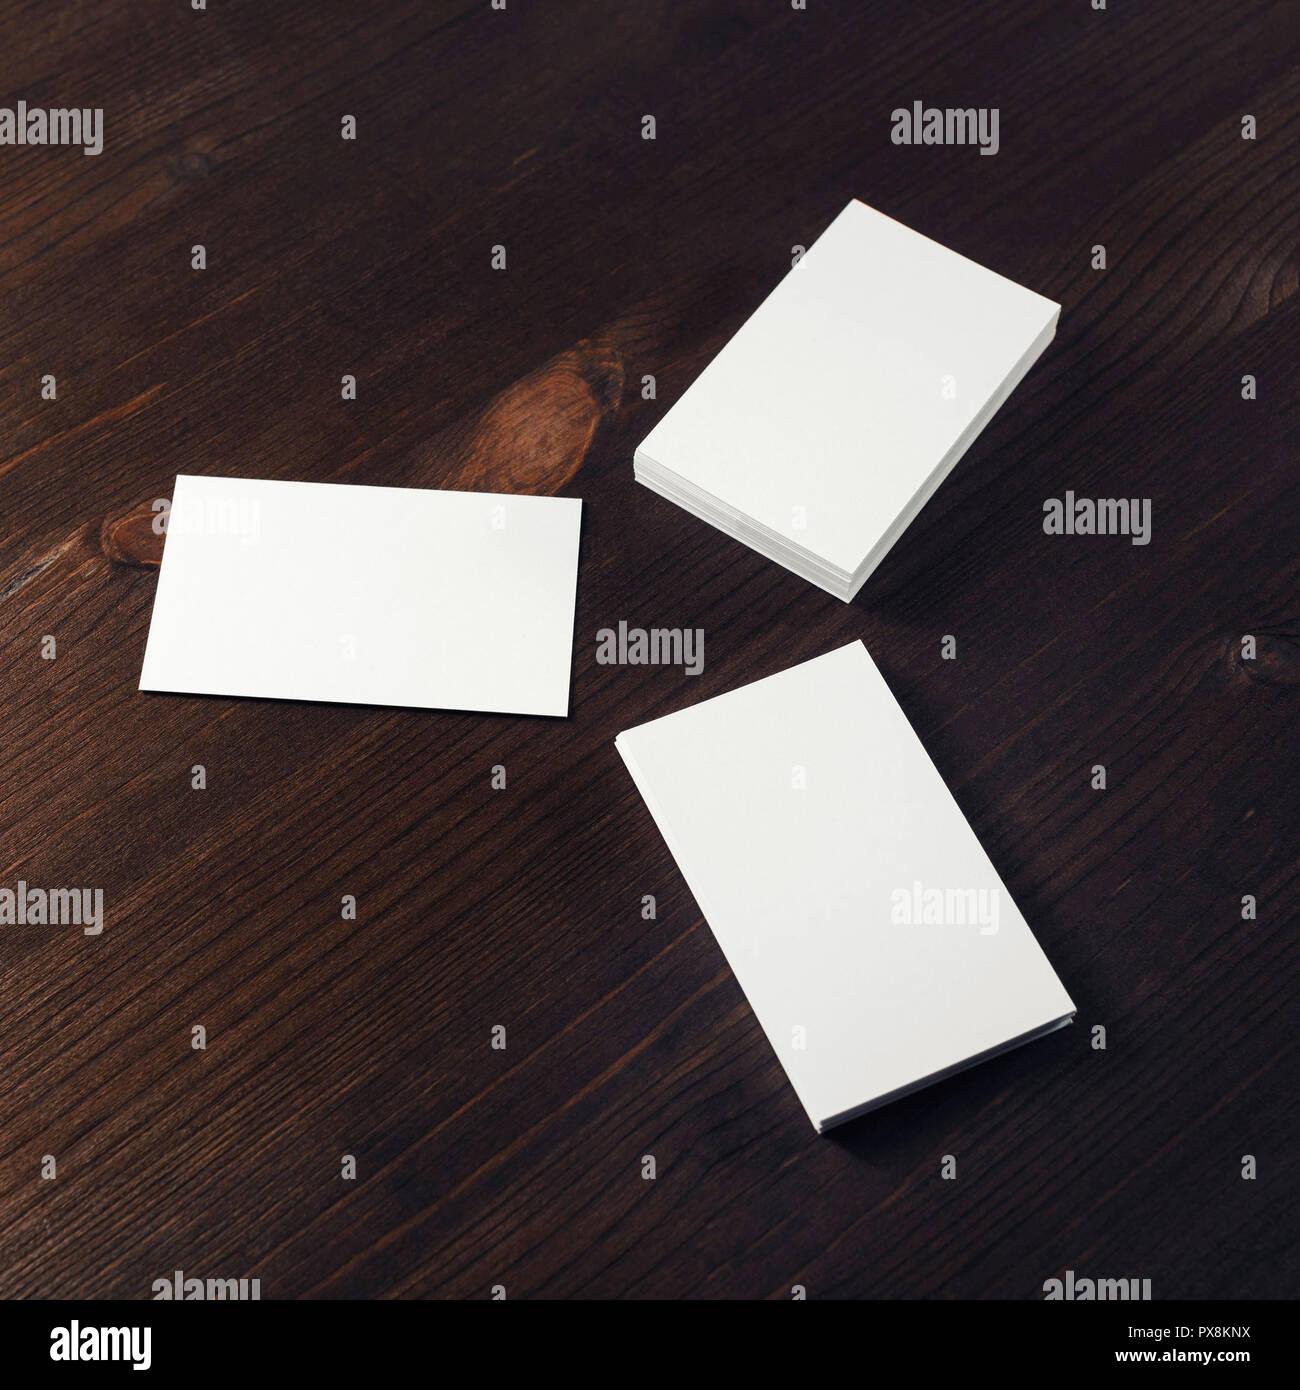 Drei Leere Weiße Visitenkarten Auf Holz Hintergrund Für